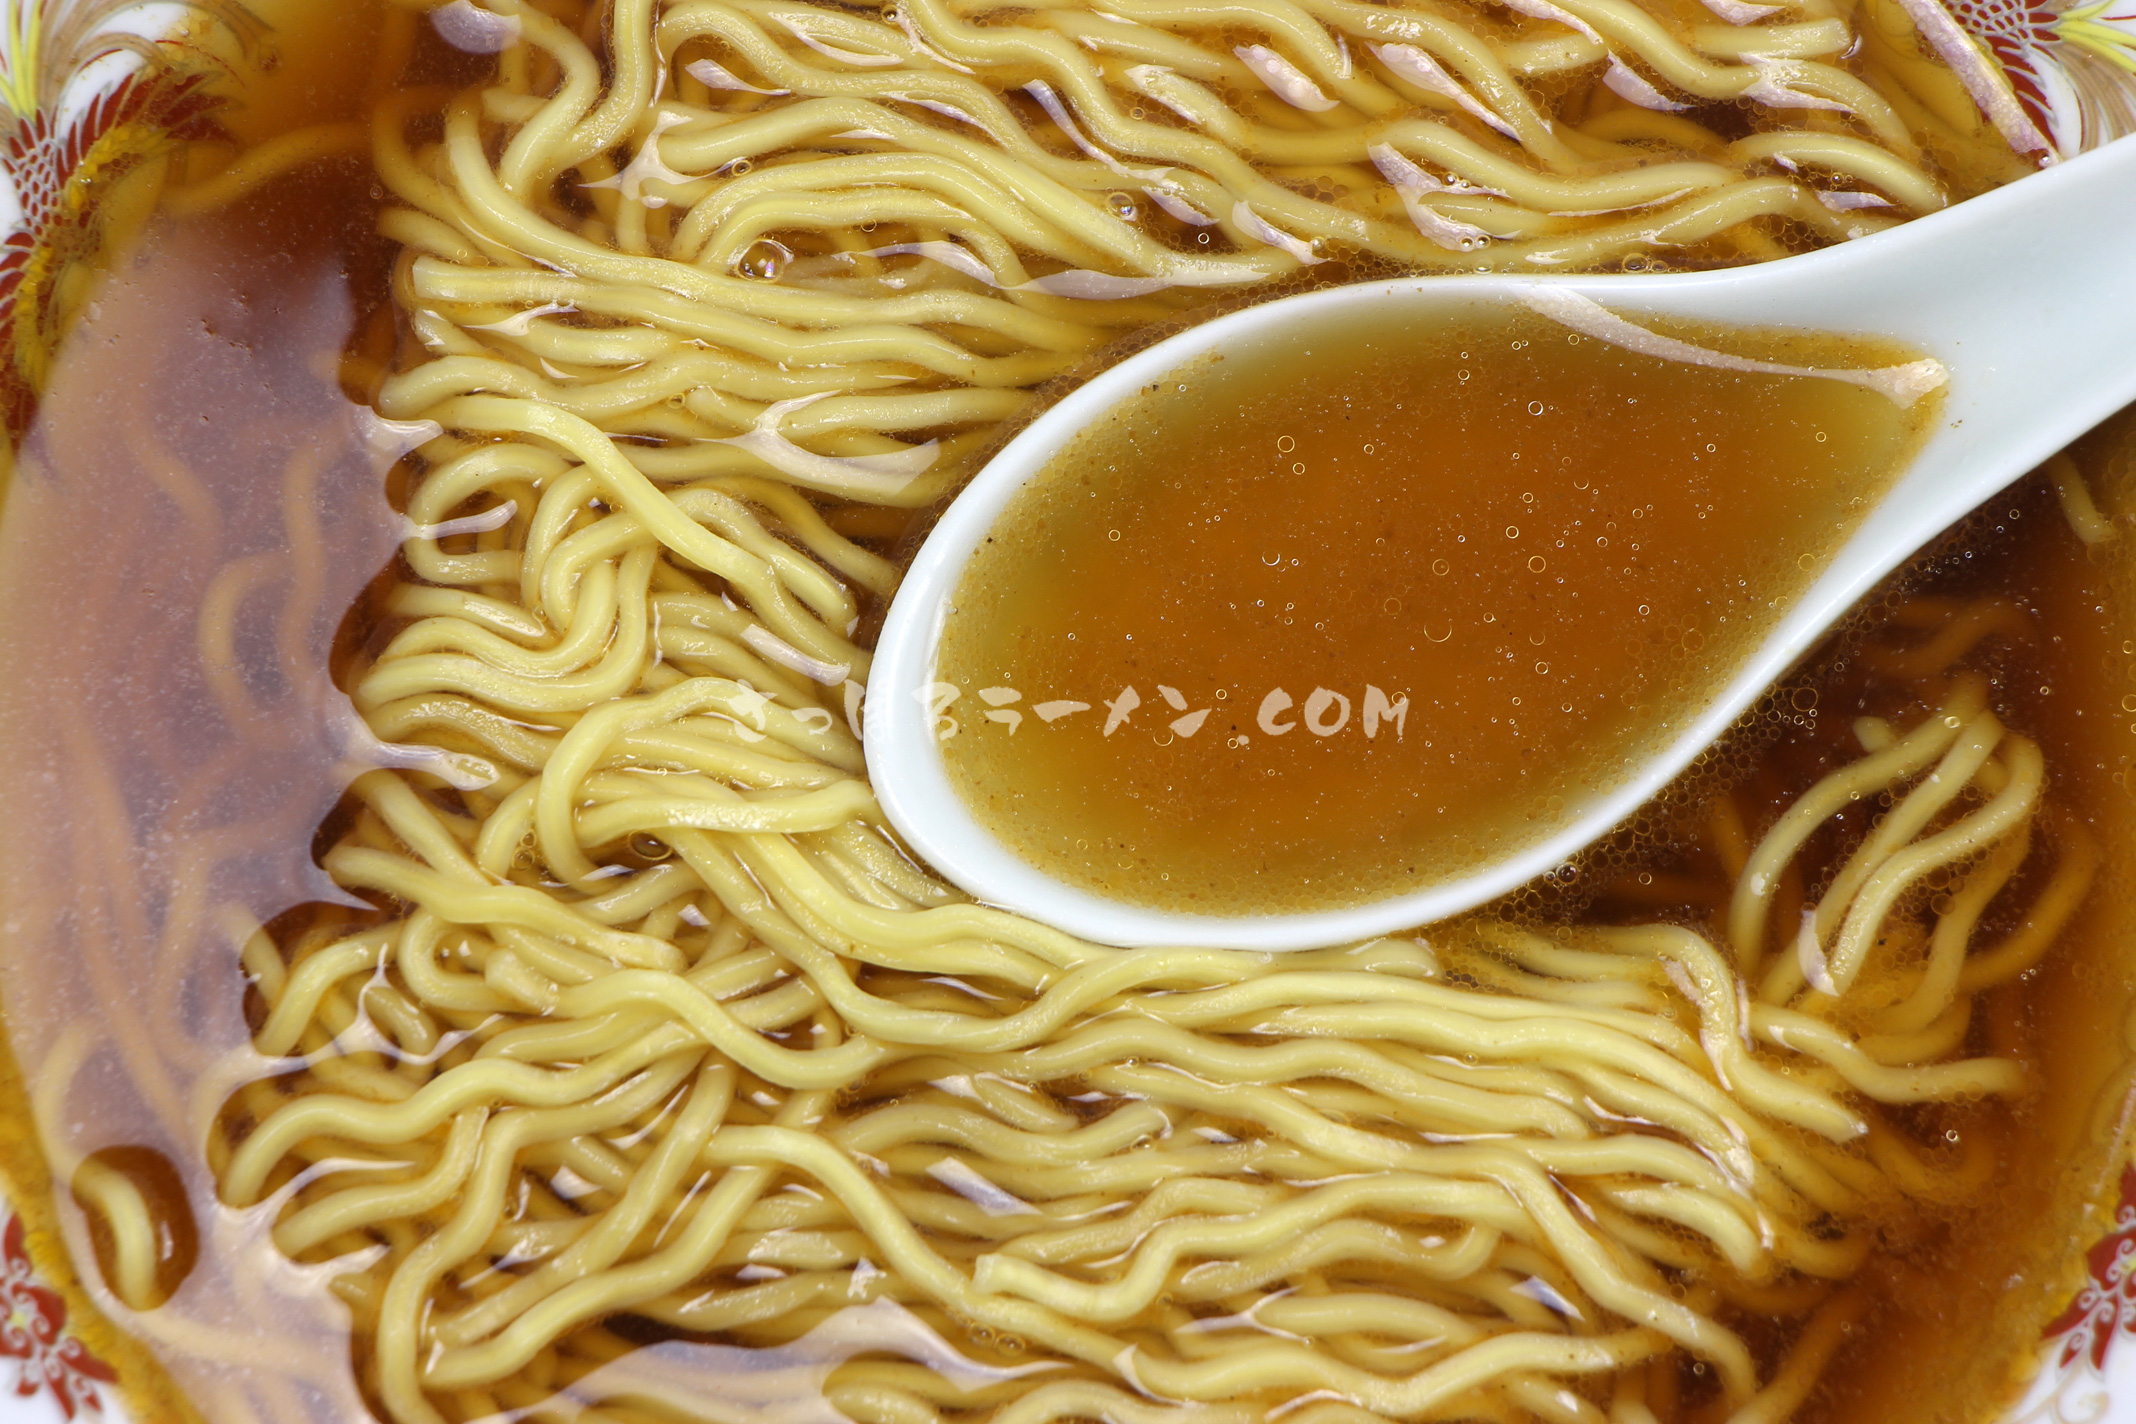 「甘海老醬油らーめん」(麺屋 田中商店)のスープ